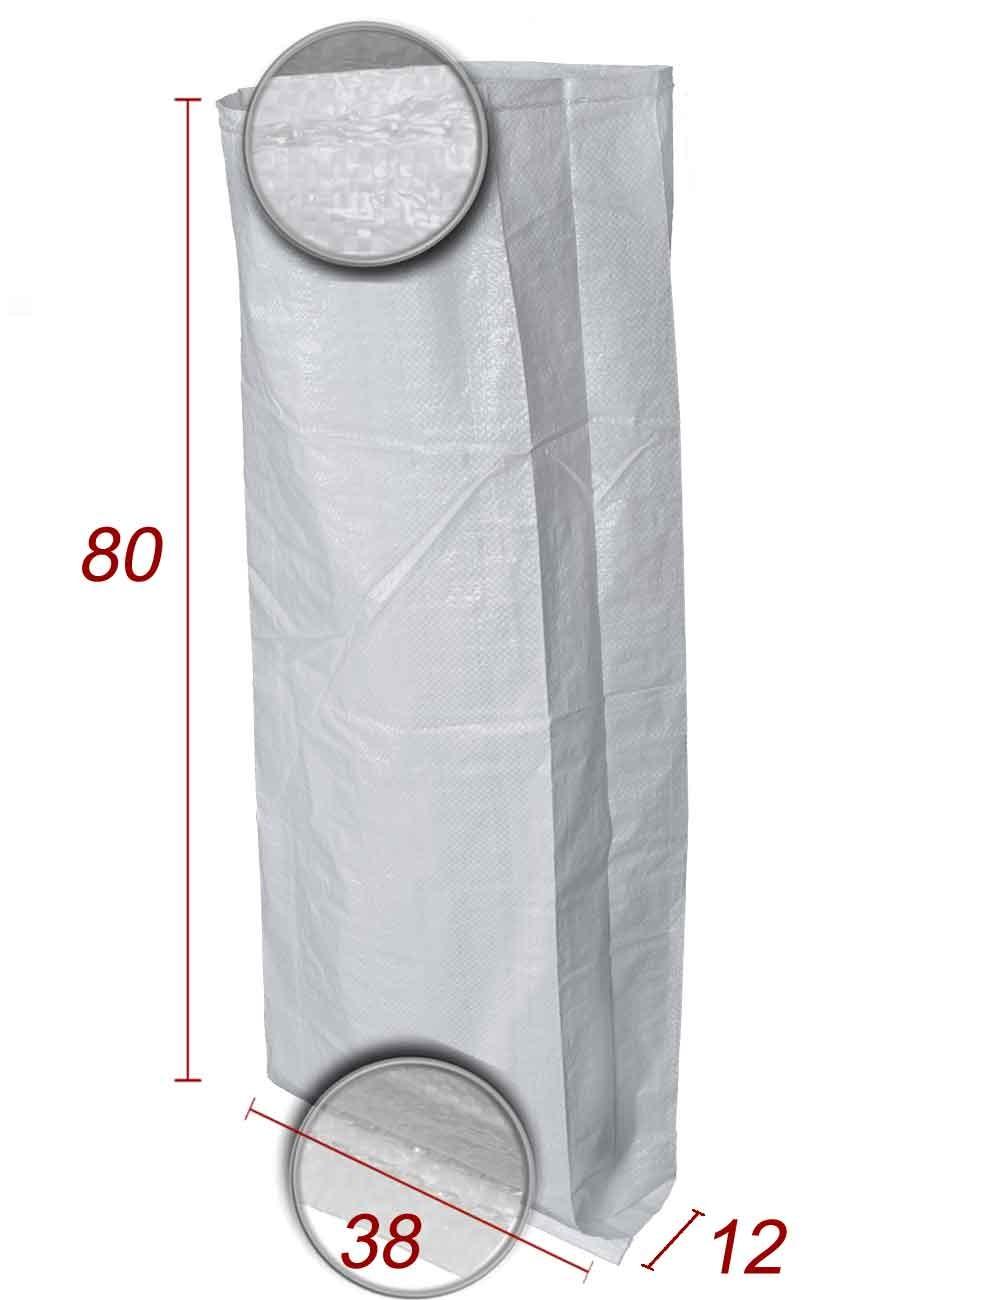 Bolsas de embalaje Polipropileno con fuelle